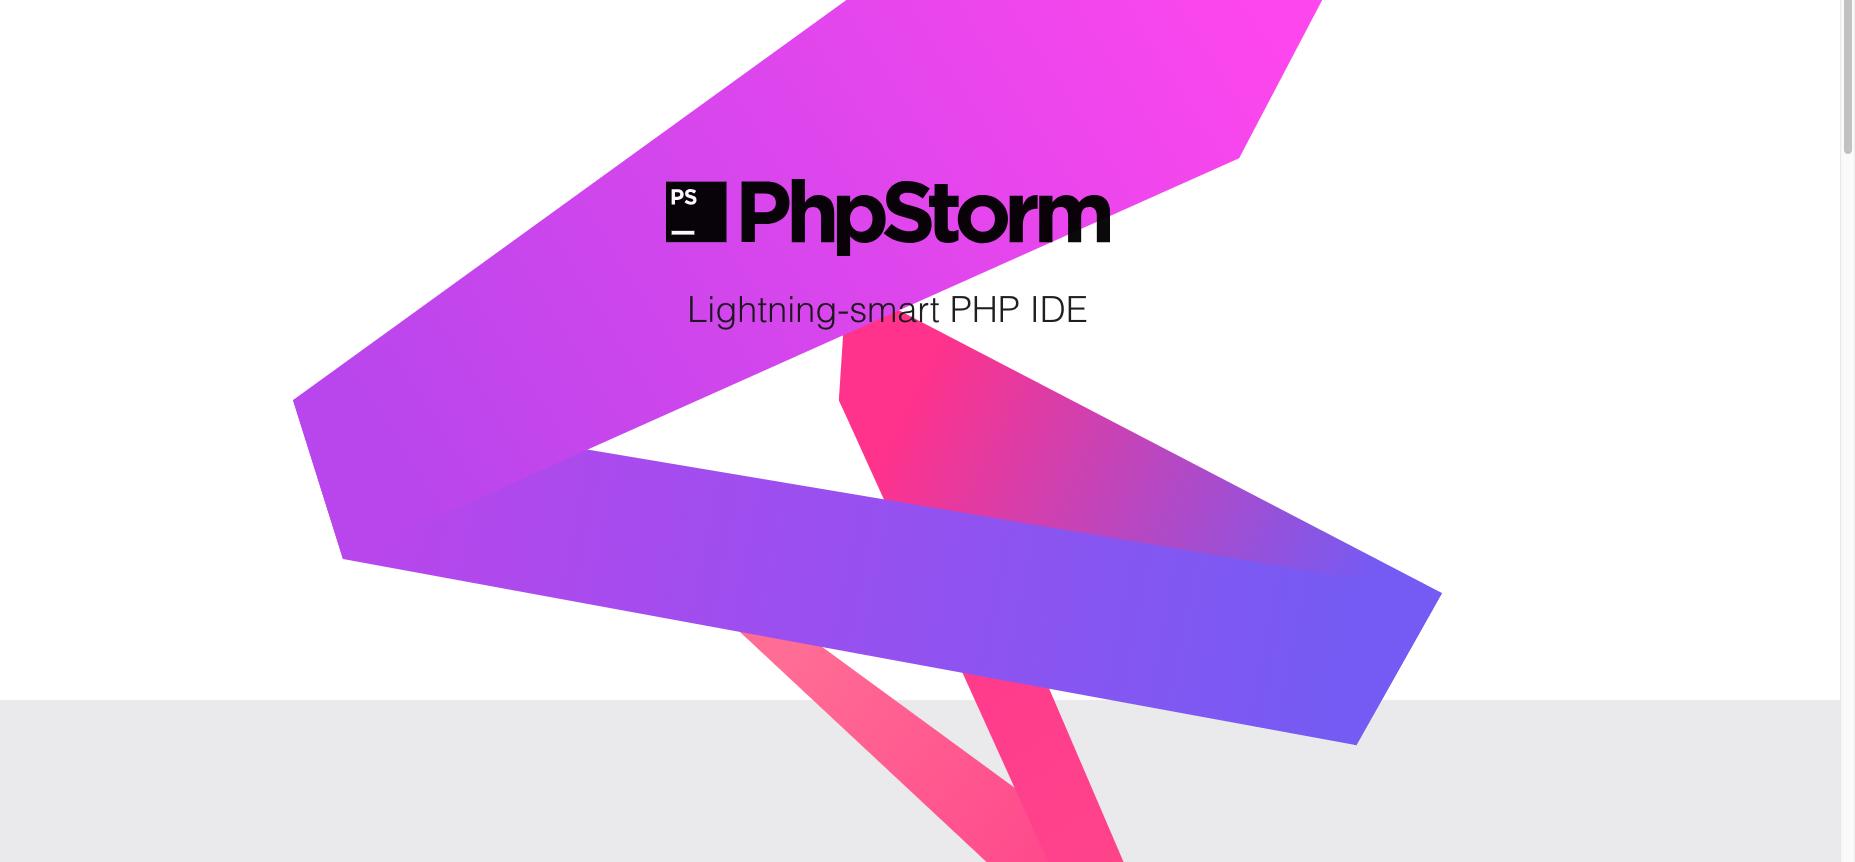 2018.2.2最新PhpStorm window 版本免费下载、包含激活方法